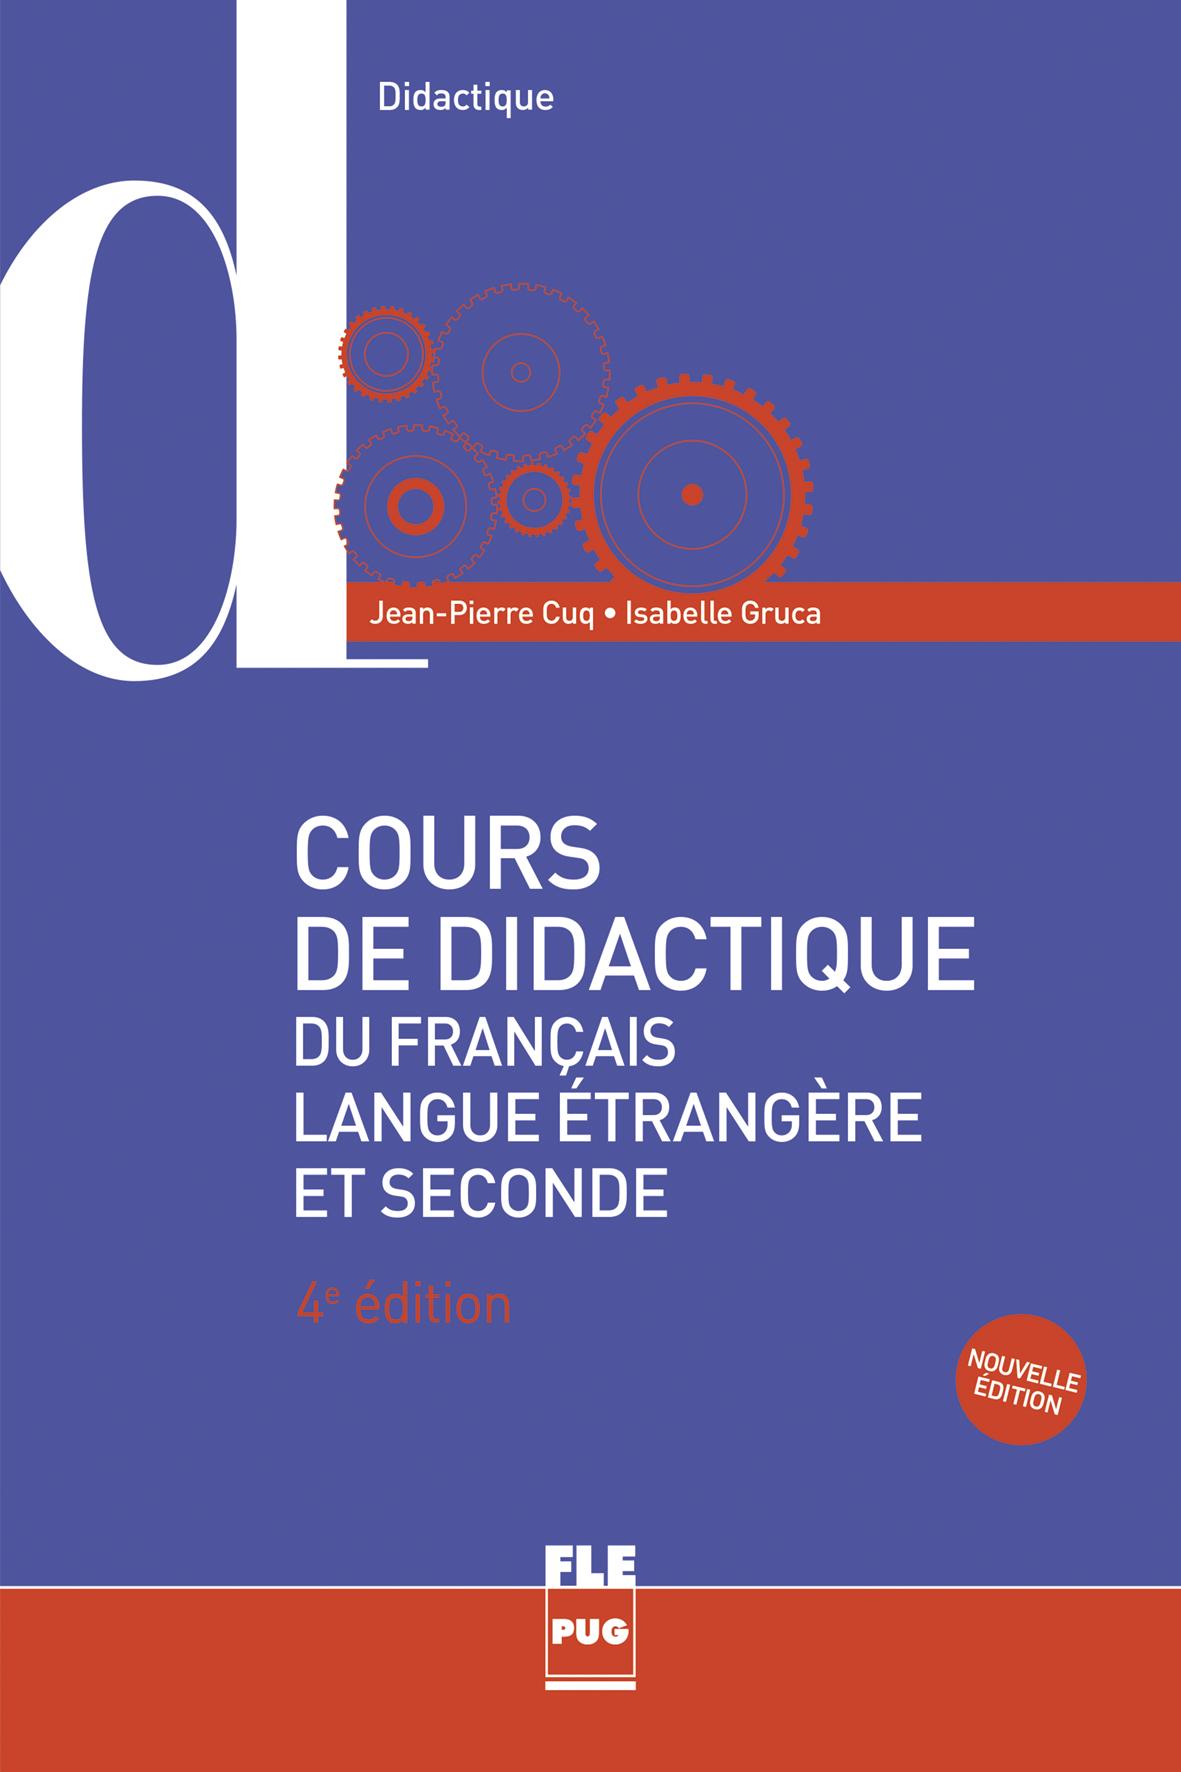 cours de didactique du fran u00e7ais langue  u00e9trang u00e8re et seconde - nouvelle  u00e9dition